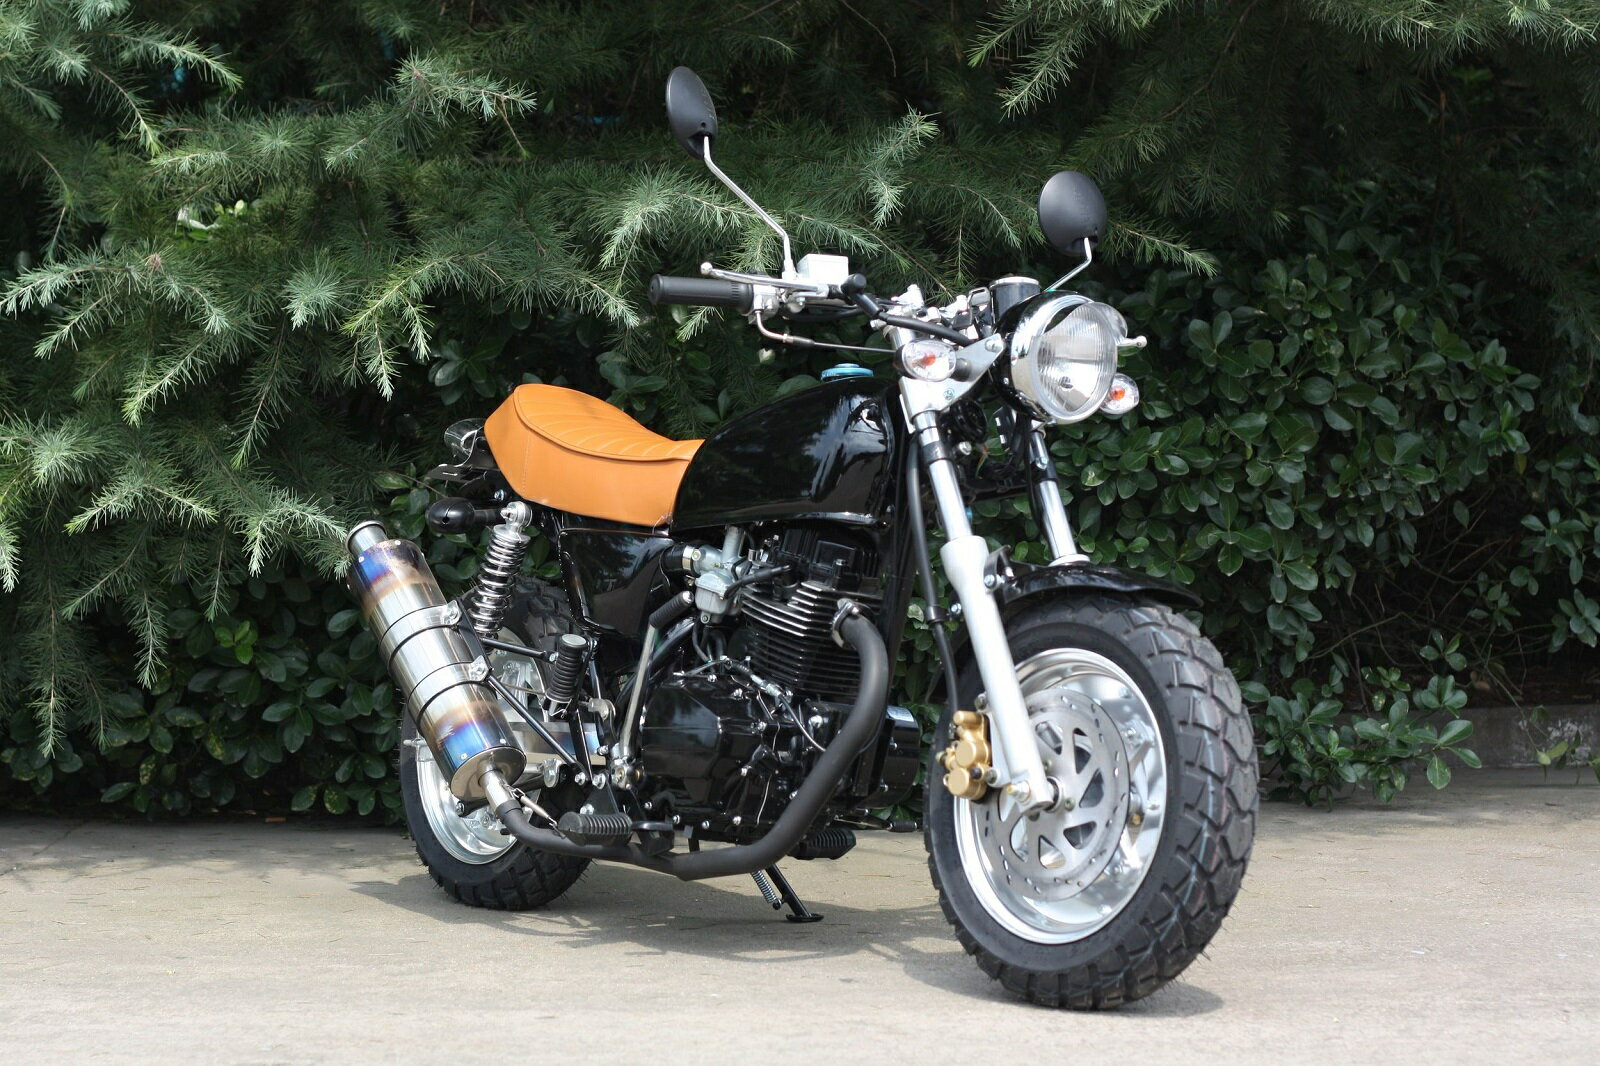 エイプ風 125ccバイク セル、クラッチ付